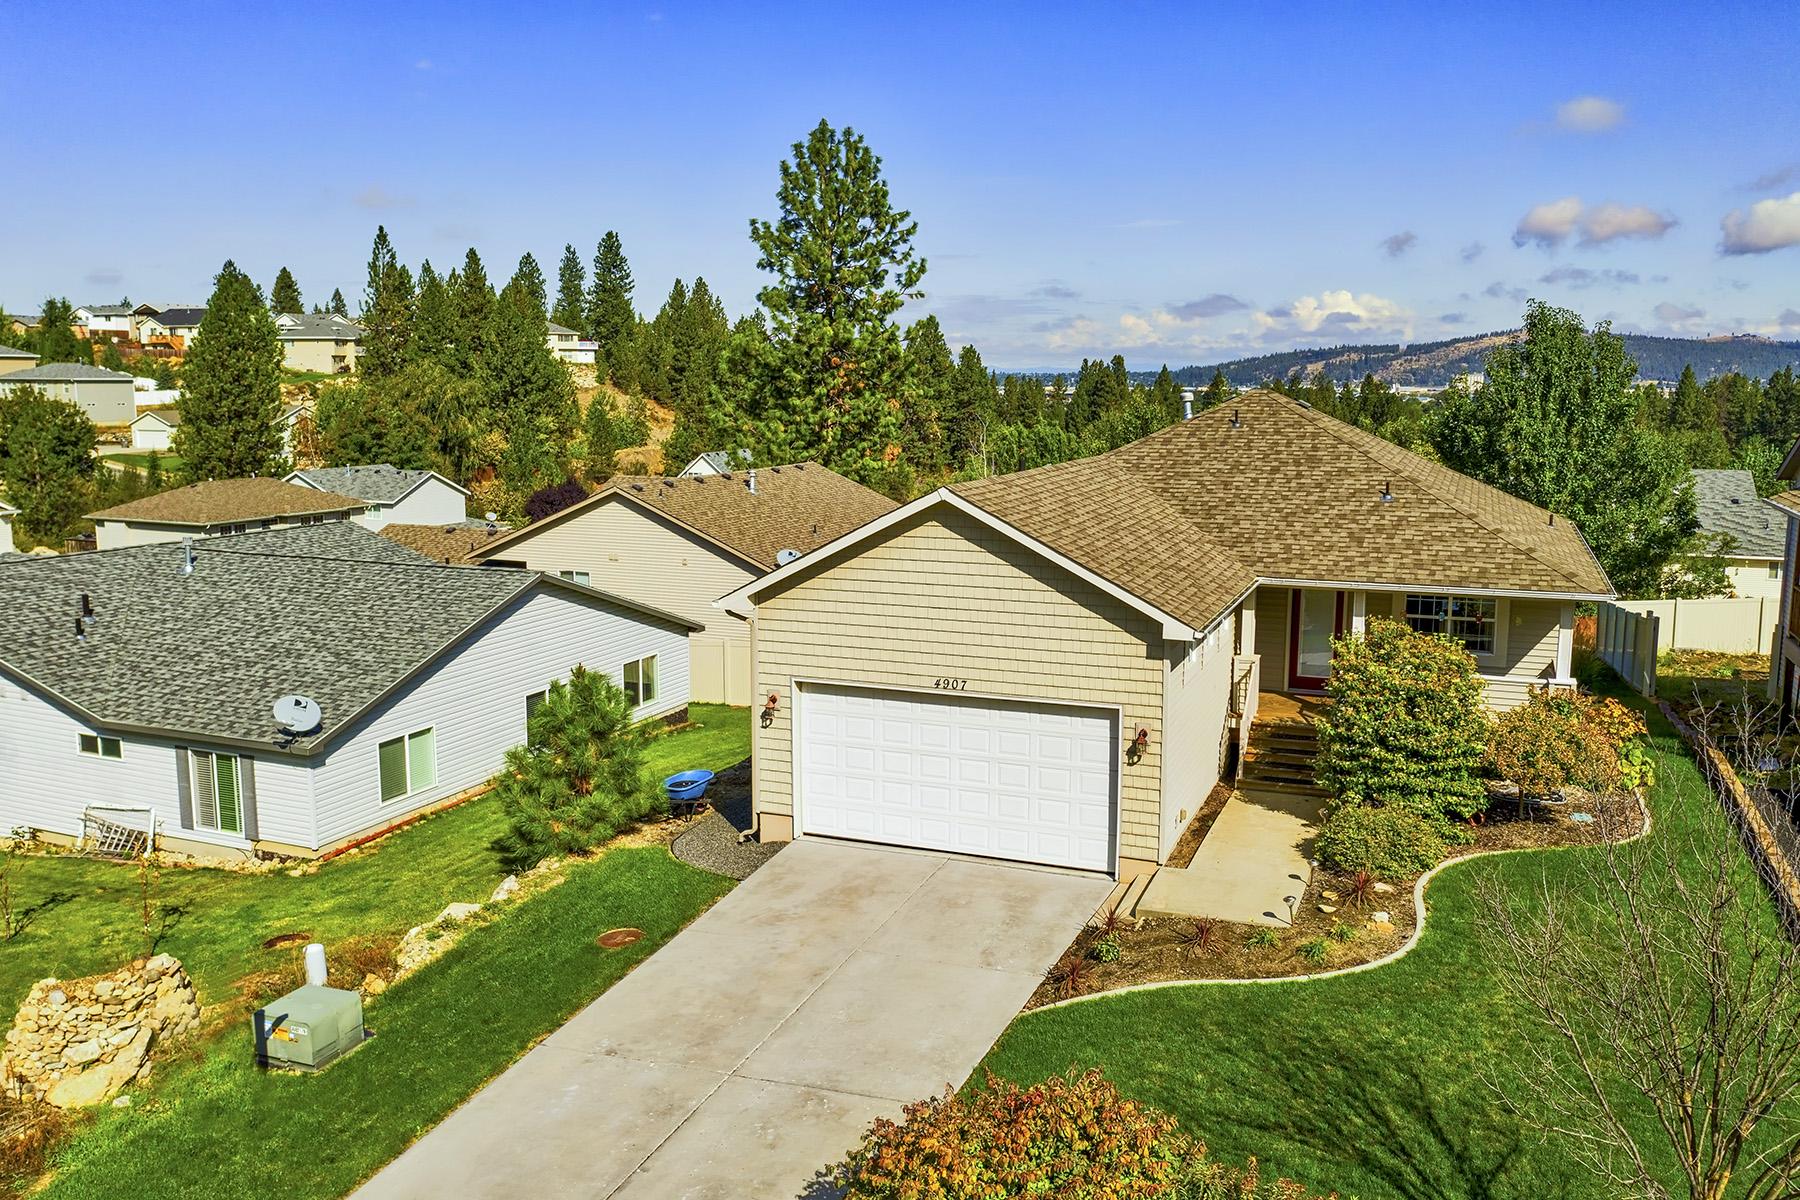 Single Family Homes por un Venta en GORGEOUS RANCHER/DAYLIGHT BASEMENT W/ VIEW 4907 E 15TH Spokane Valley, Washington 99212 Estados Unidos